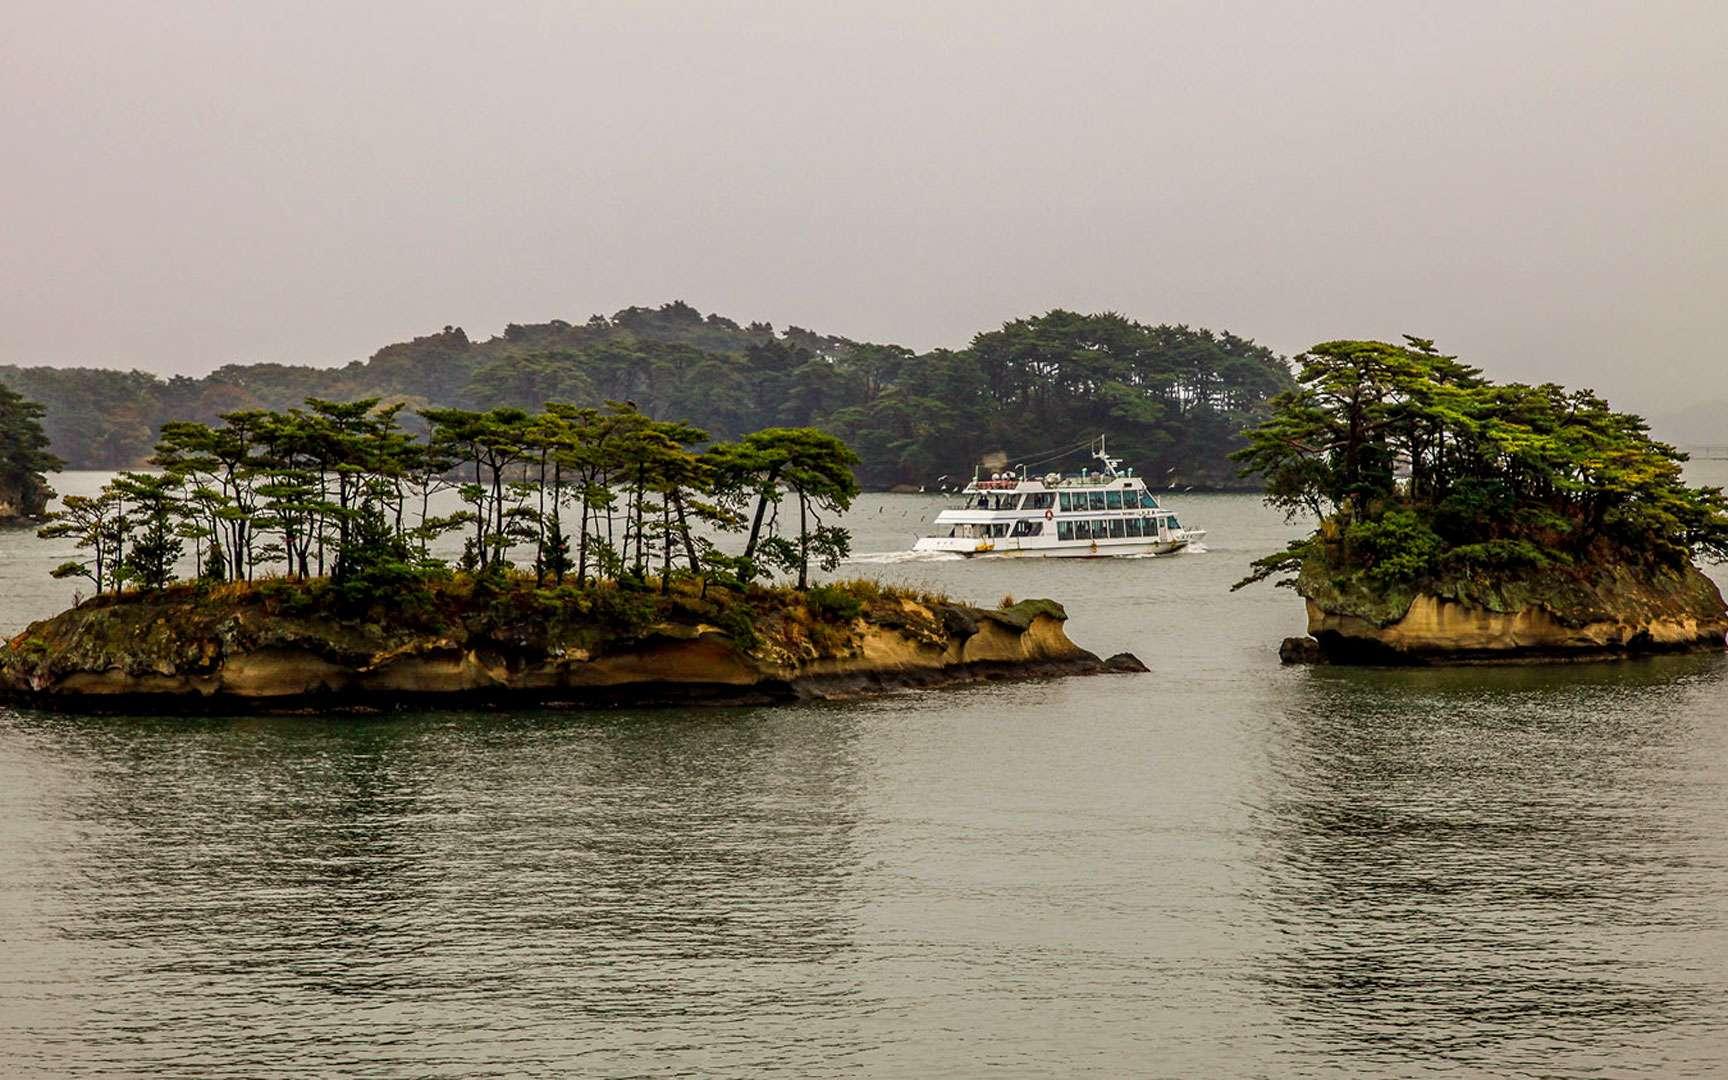 La baie de Matsushima et ses îlots. © Antoine - Tous droits réservés